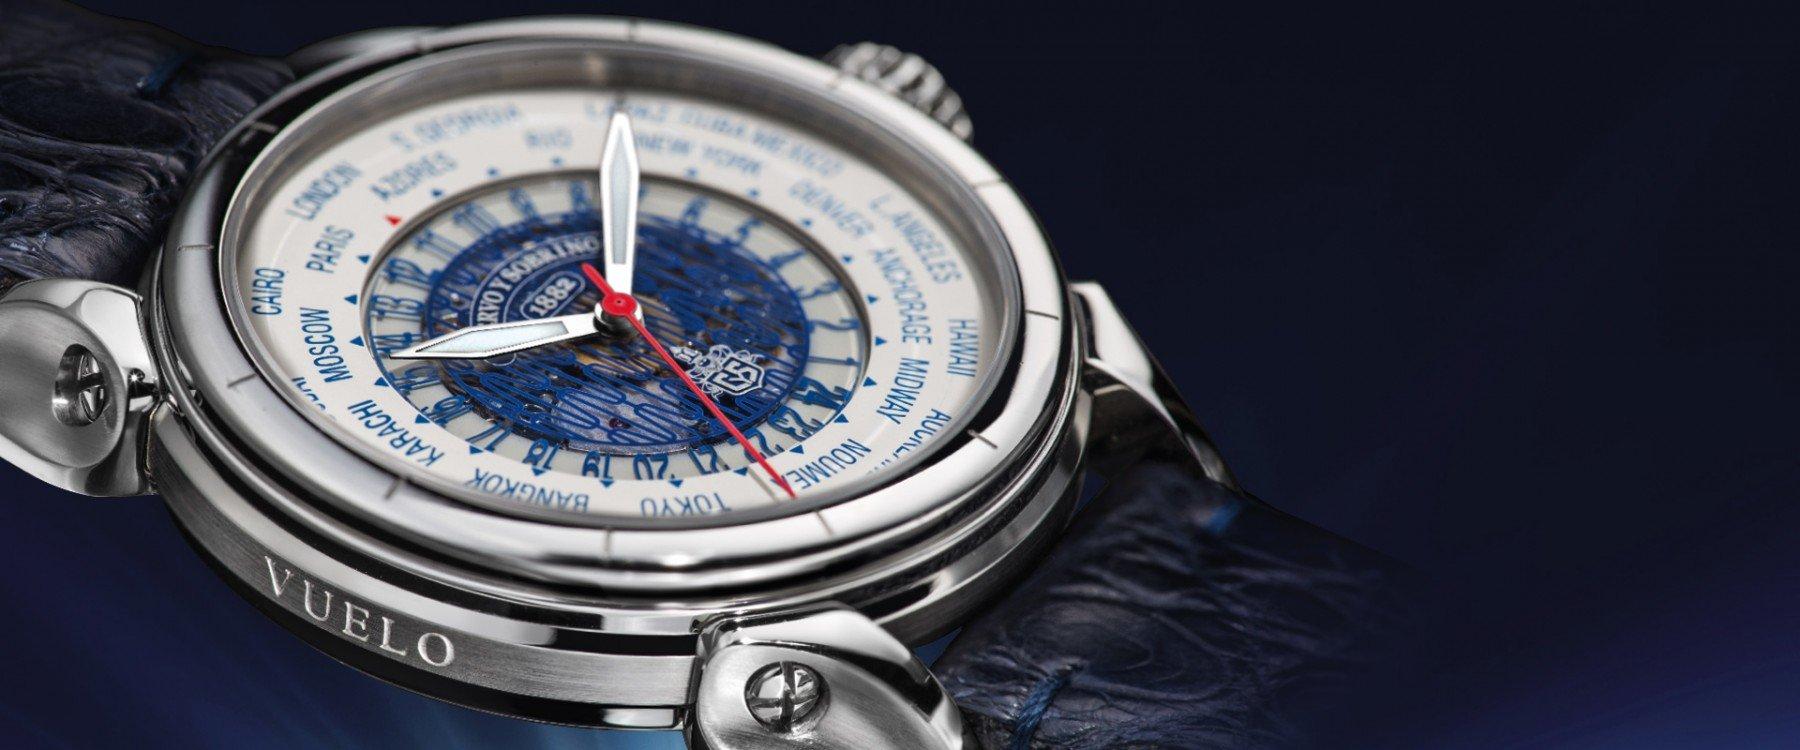 Cuervo y sobrinos, los relojes con manufactura suiza y espíritu cubano